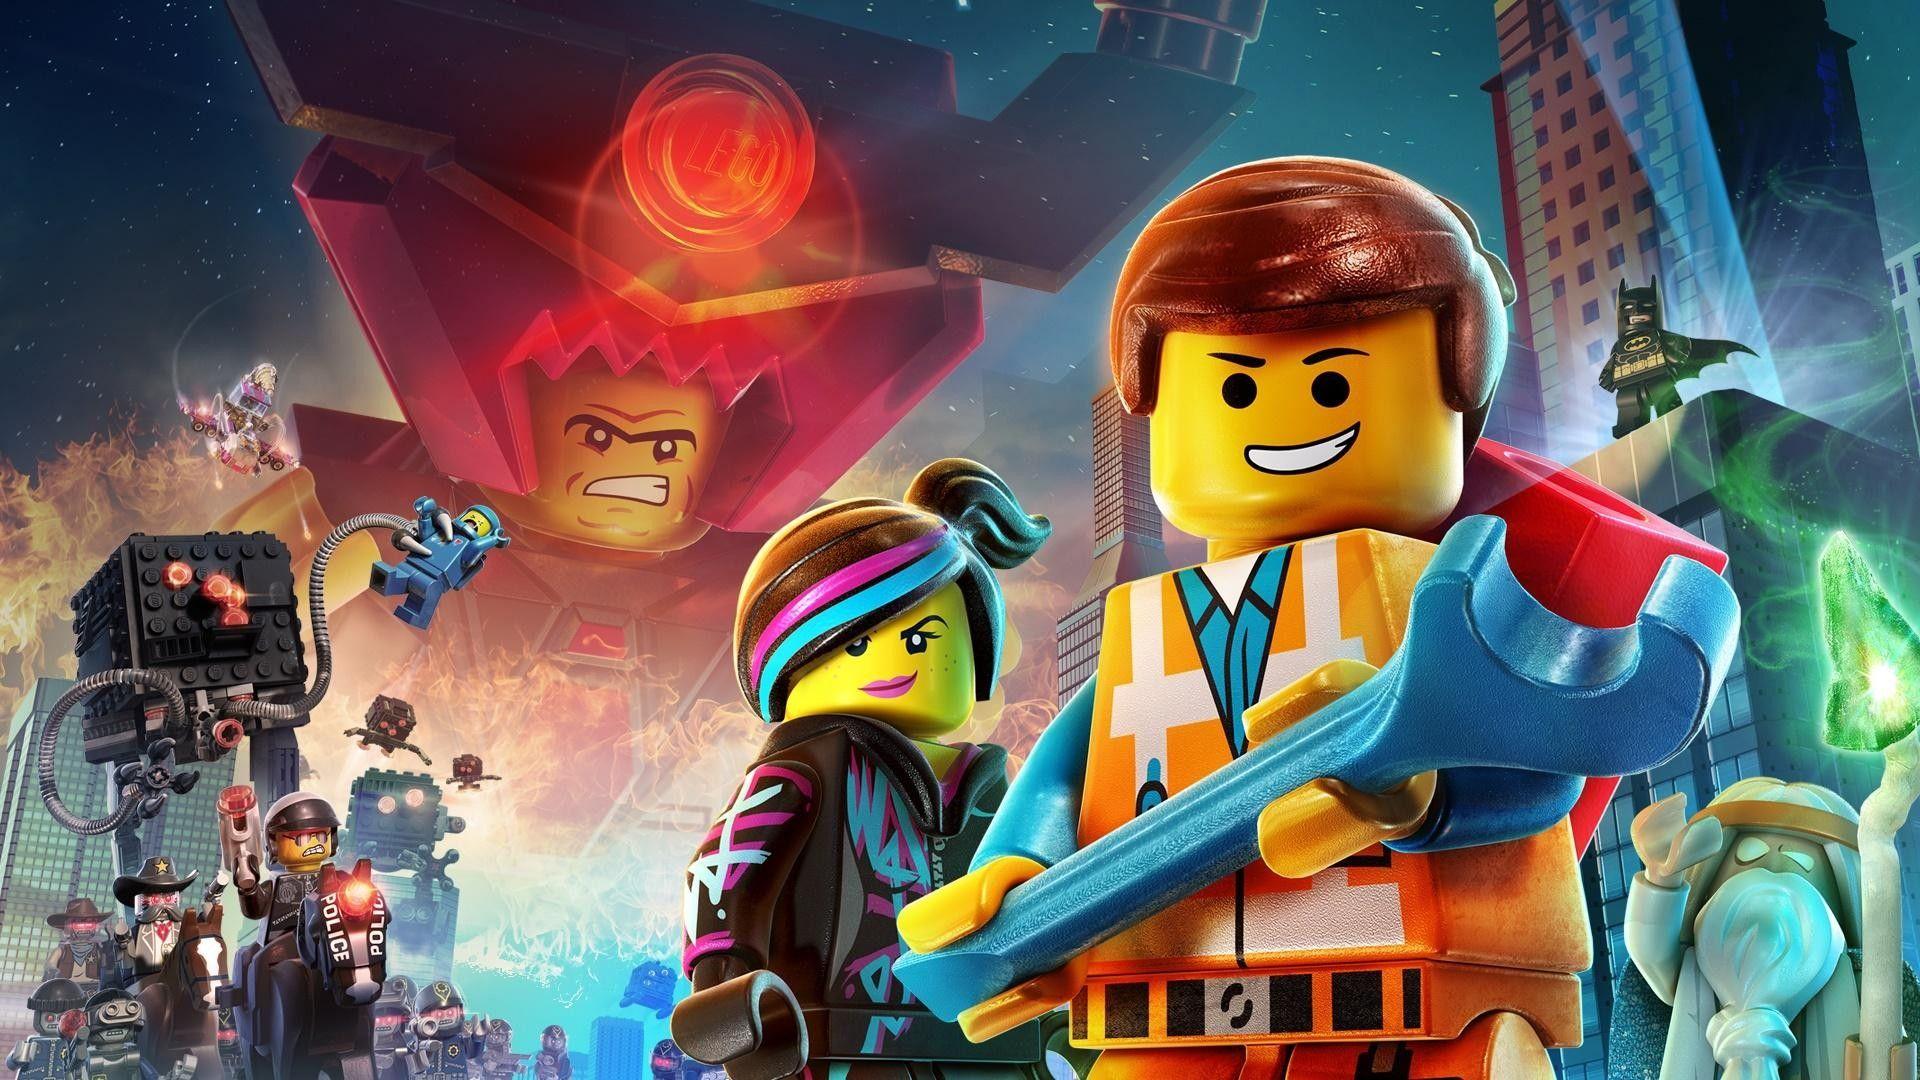 New Wallpaper Lego Movie Di 2020